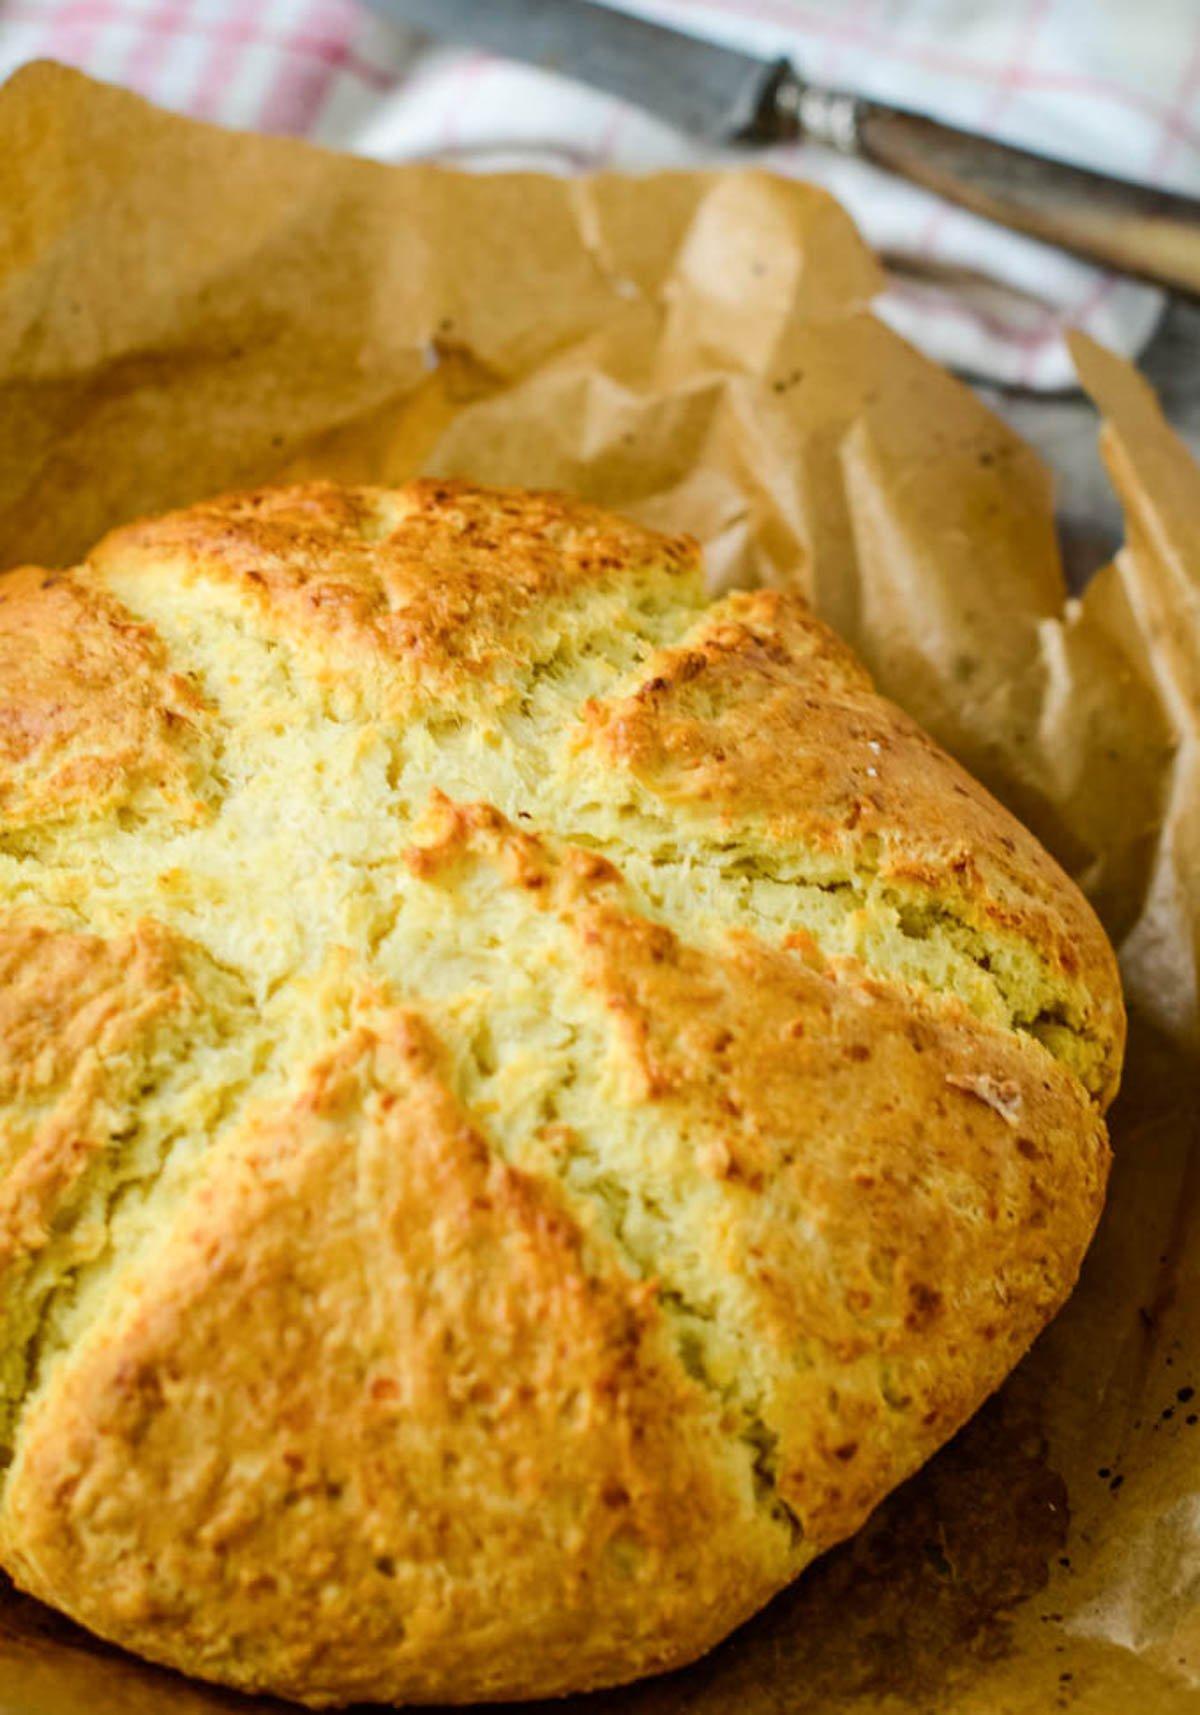 loaf of baked parmesan soda bread